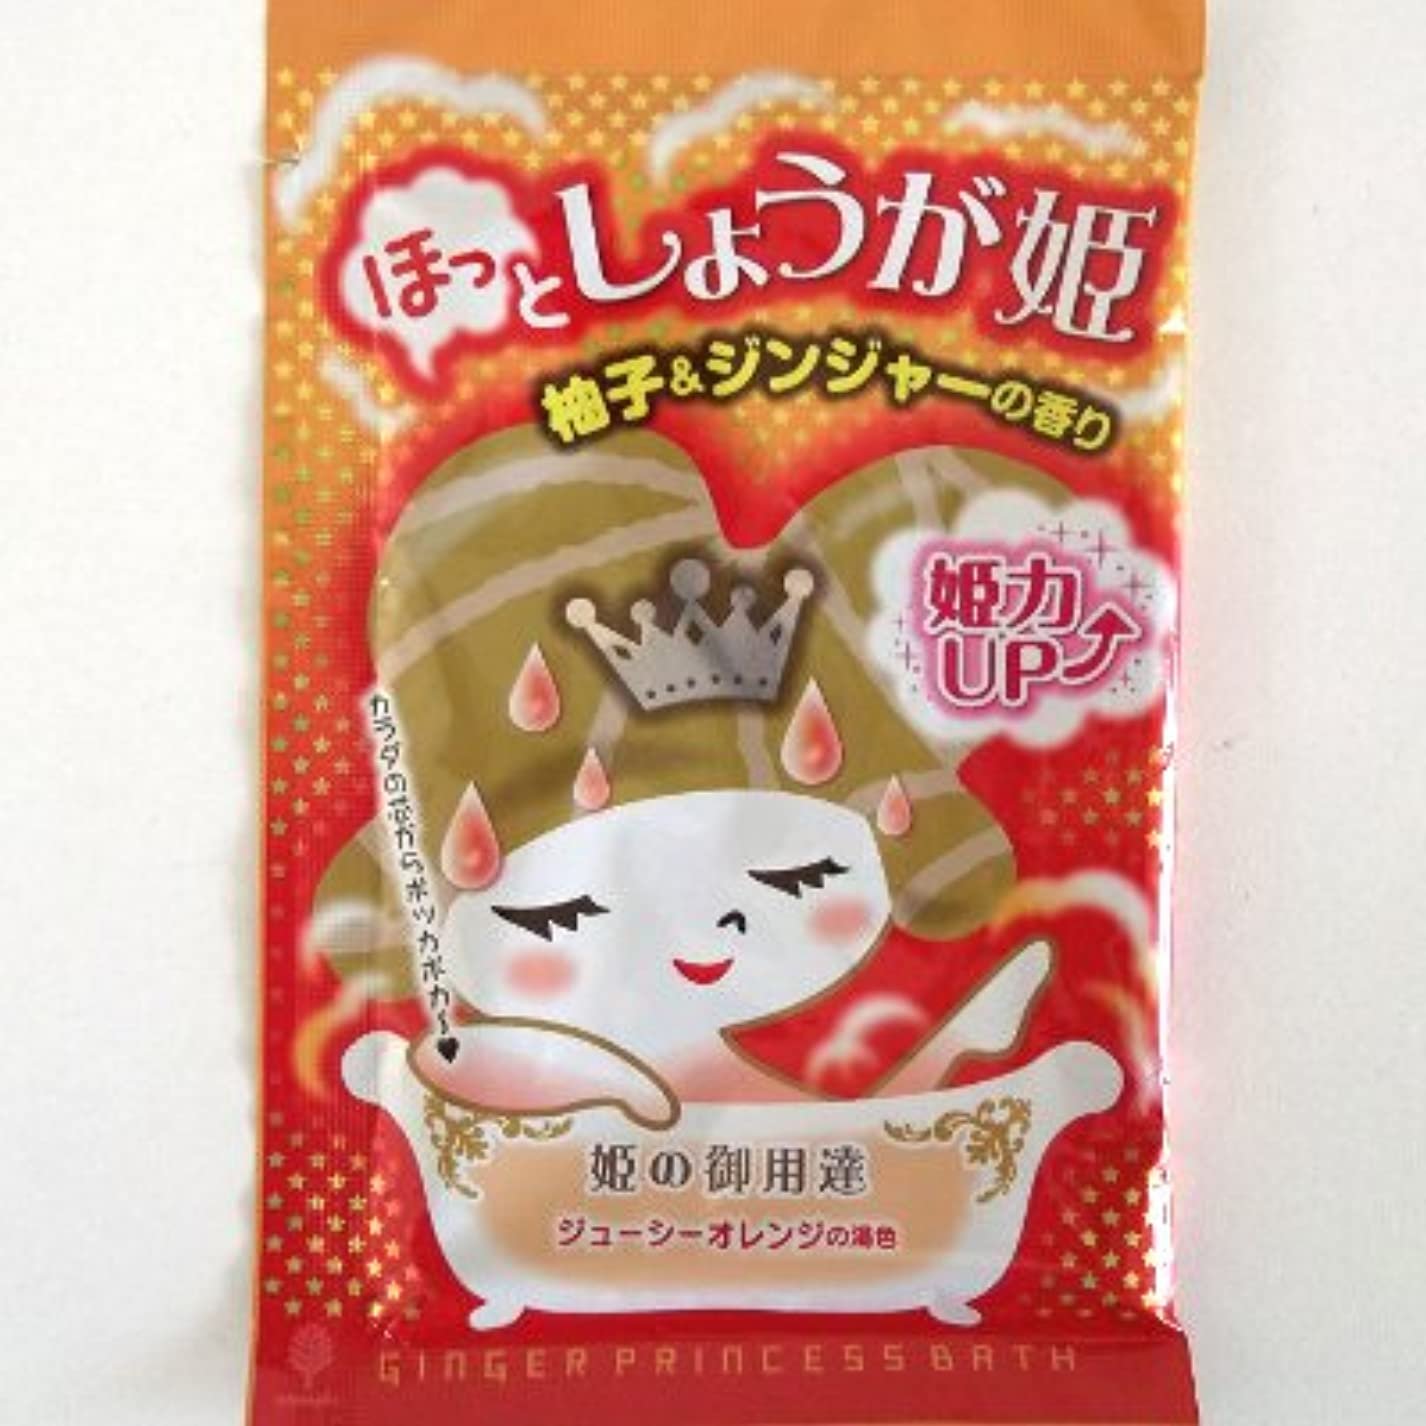 消える安価なアセほっとしょうが姫 柚子&ジンジャーの香り